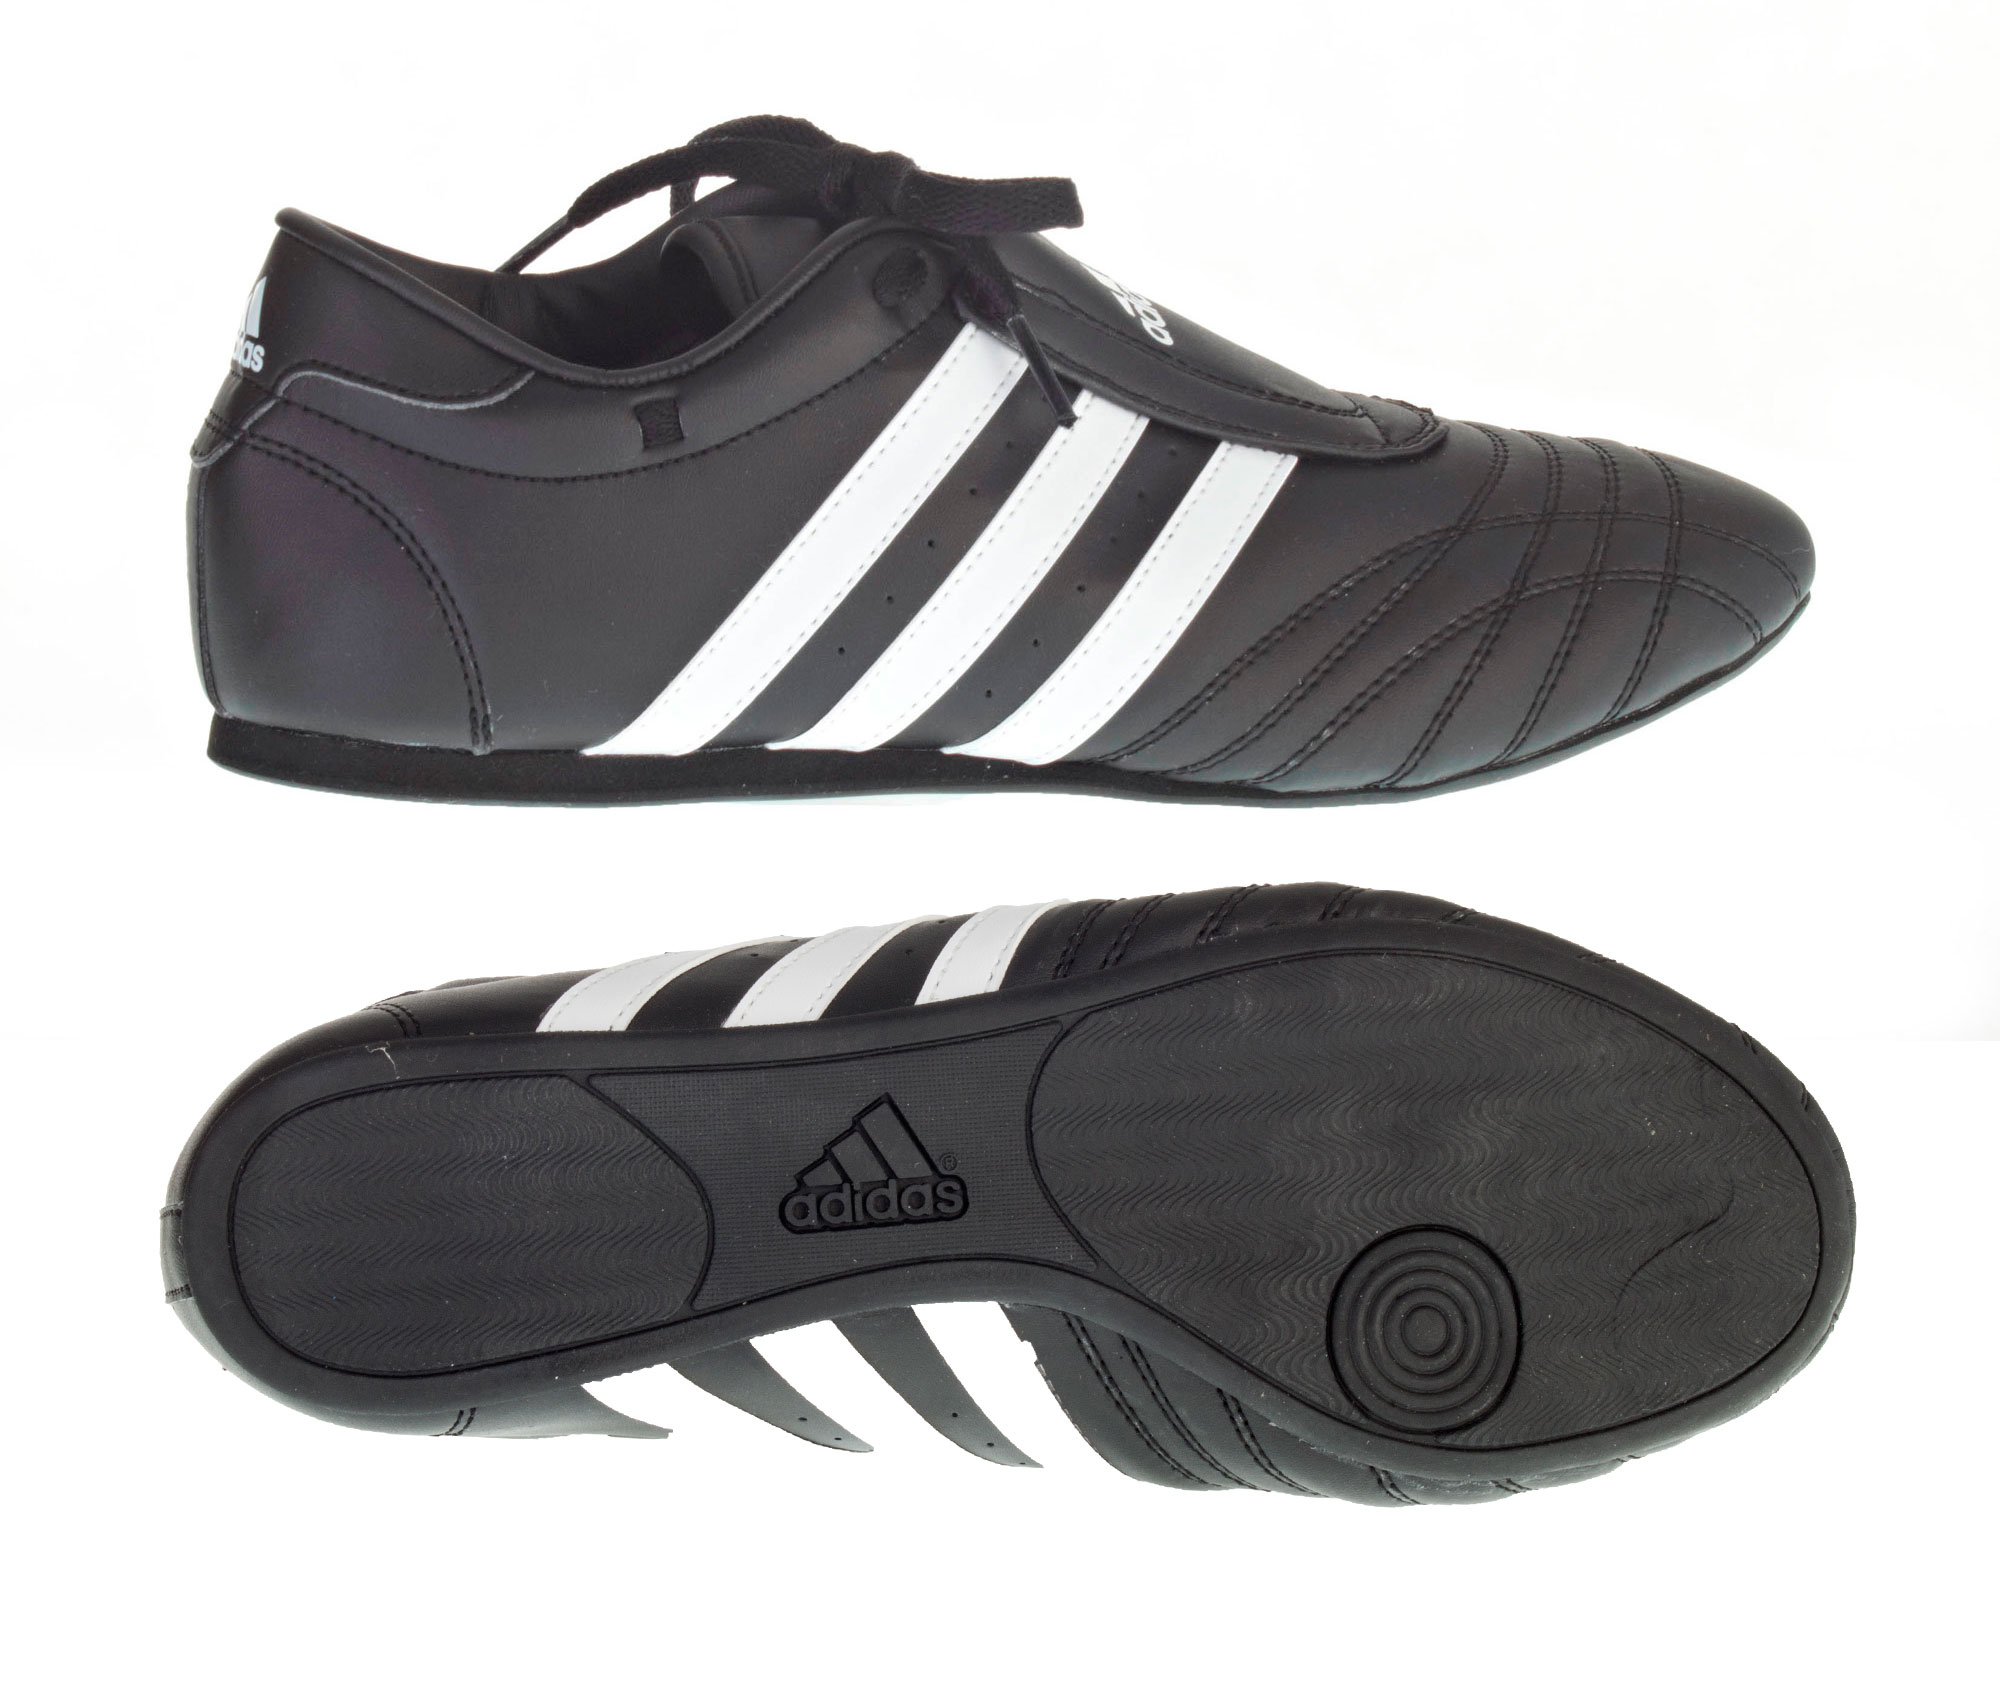 Ii Schwarz Adidas Sneaker Ii Sm Sneaker Schwarz Sneaker Ii Adidas Sm Adidas Sm Nwvm0n8